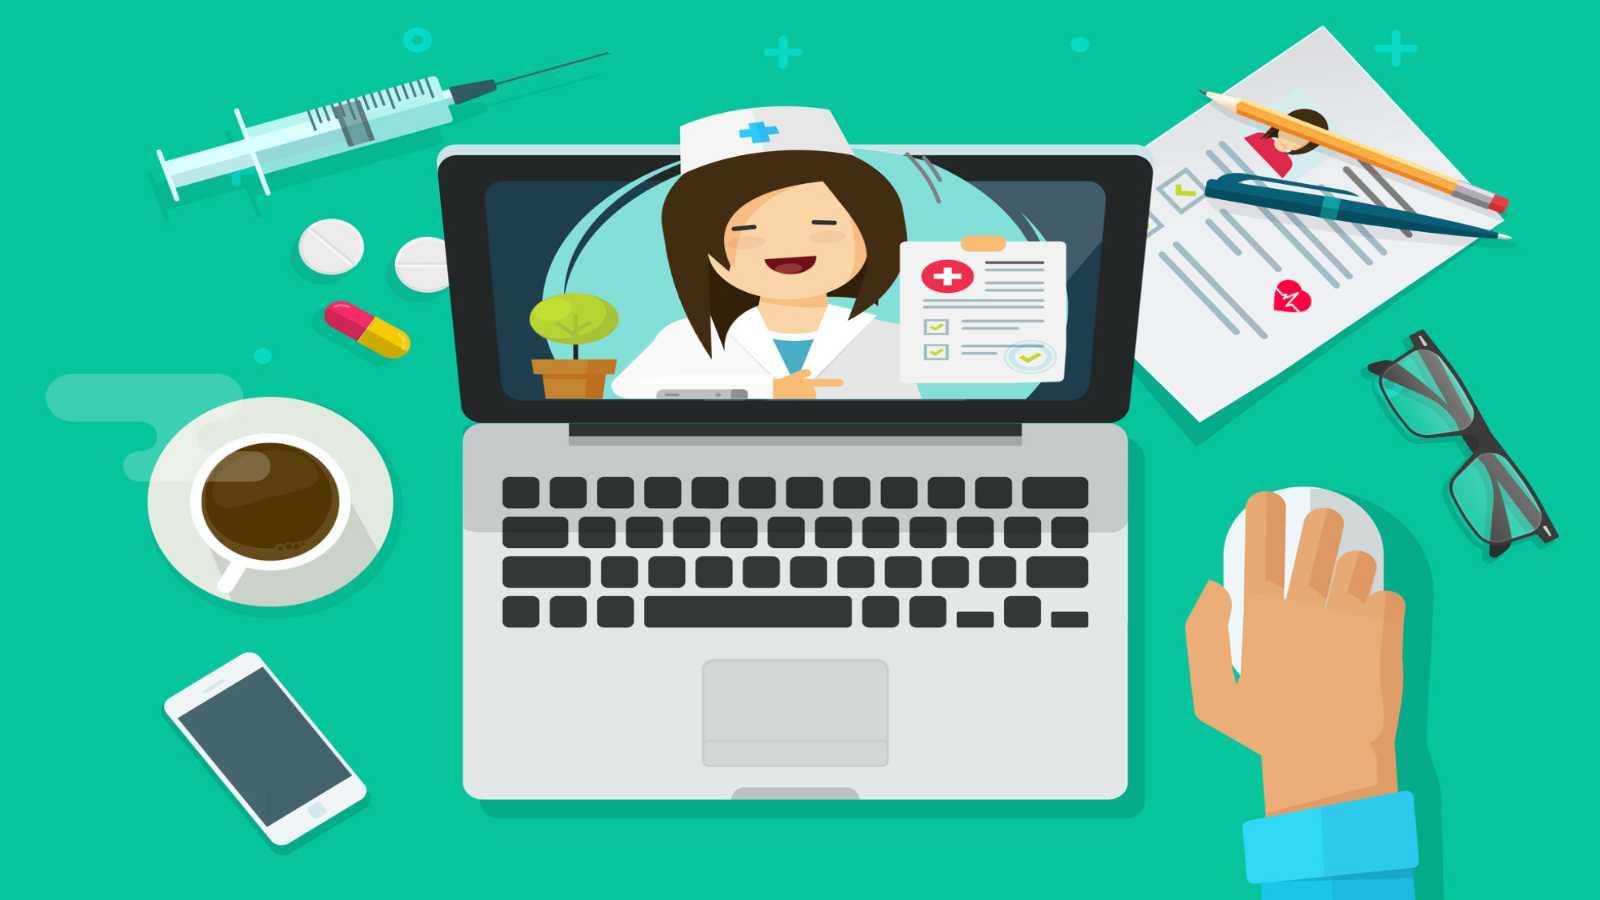 original d0392abb54f2cf19f9f0052cc0220099 - Vídeos animados de saúde: para quais fins podem ser usados?